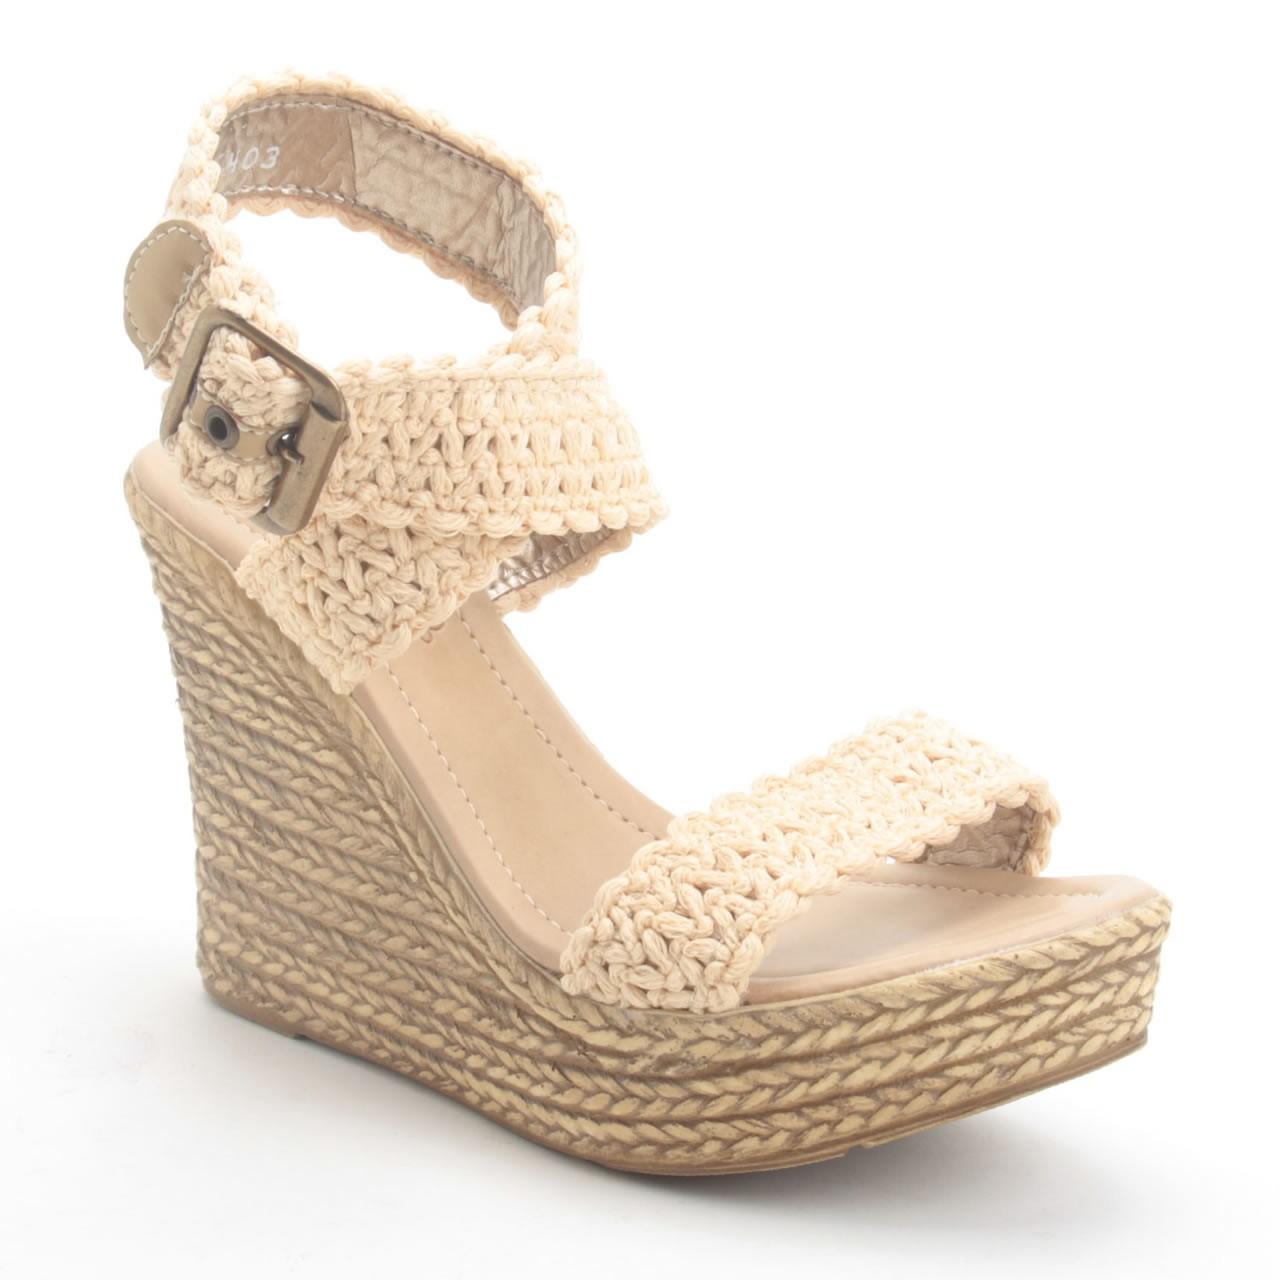 Sandalias de plataforma Mujer No hay productos que cumplan estos requisitos. Las sandalias de plataforma para mujer son una forma muy original y divertida de vestir bien en verano, o en días más calurosos con mucha más elegancia de lo que podrías llevar con otros zapatos.